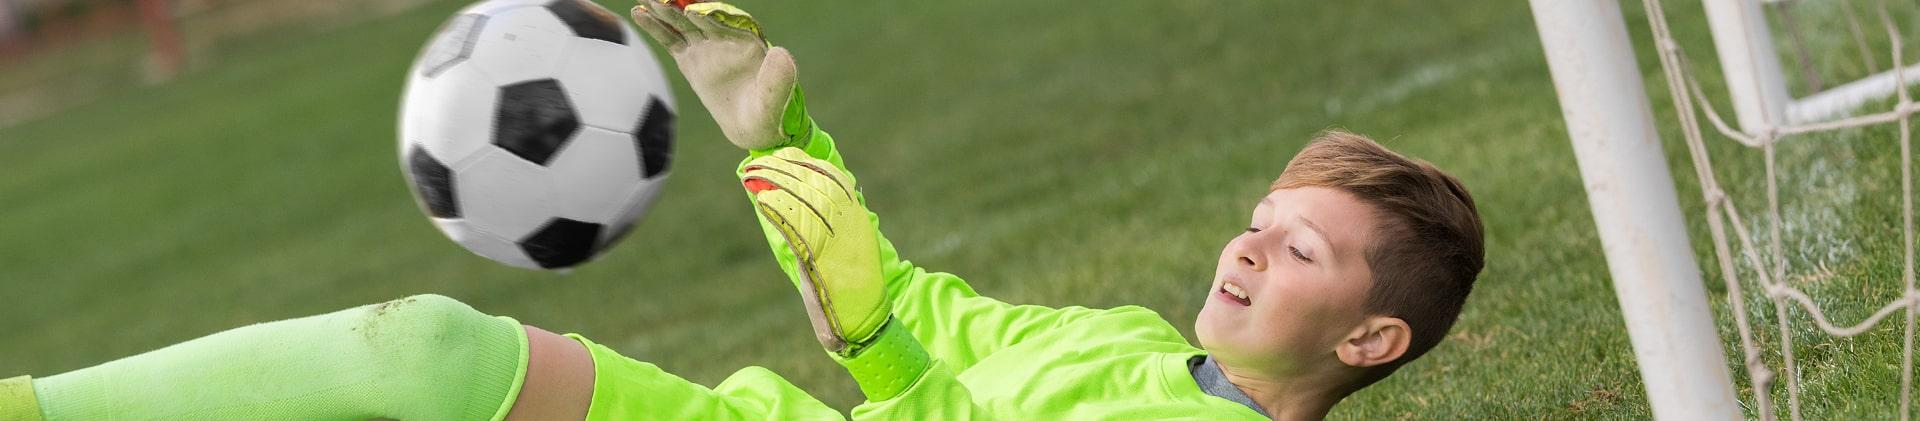 Goalkeeper Skills Camp